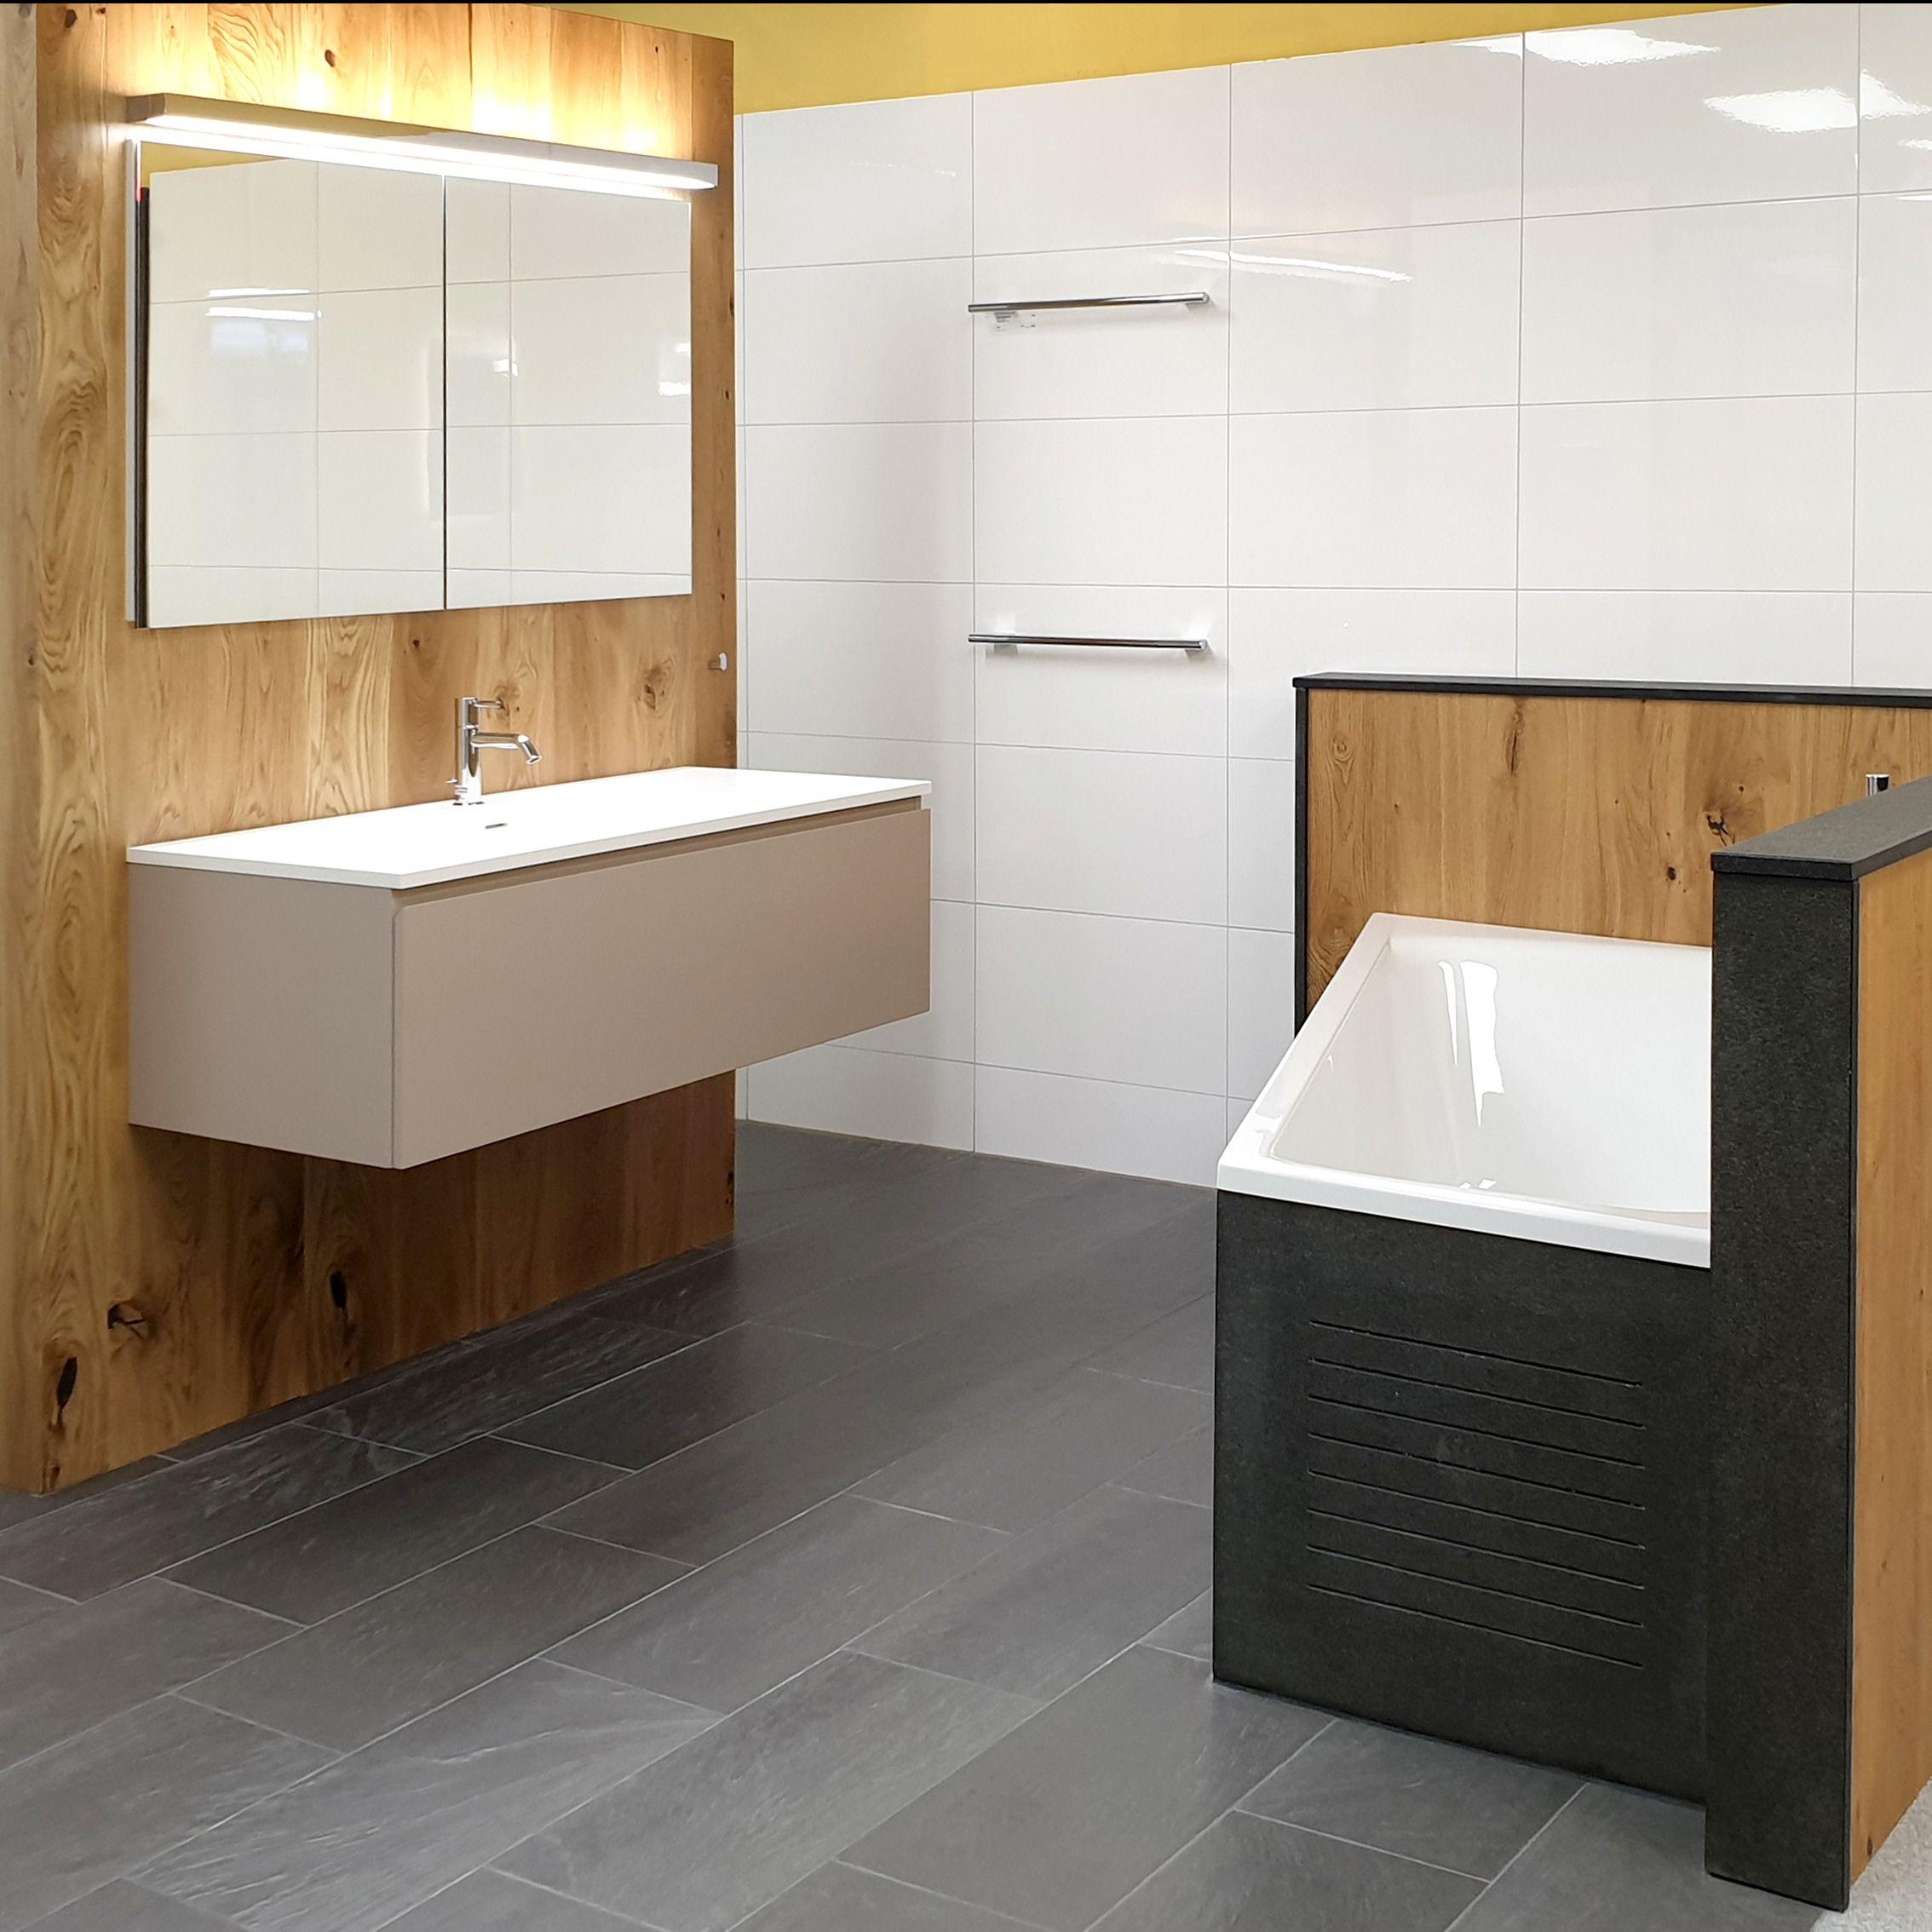 Badezimmer Mit Charme Badezimmer Rustikales Design Badezimmer Mobel